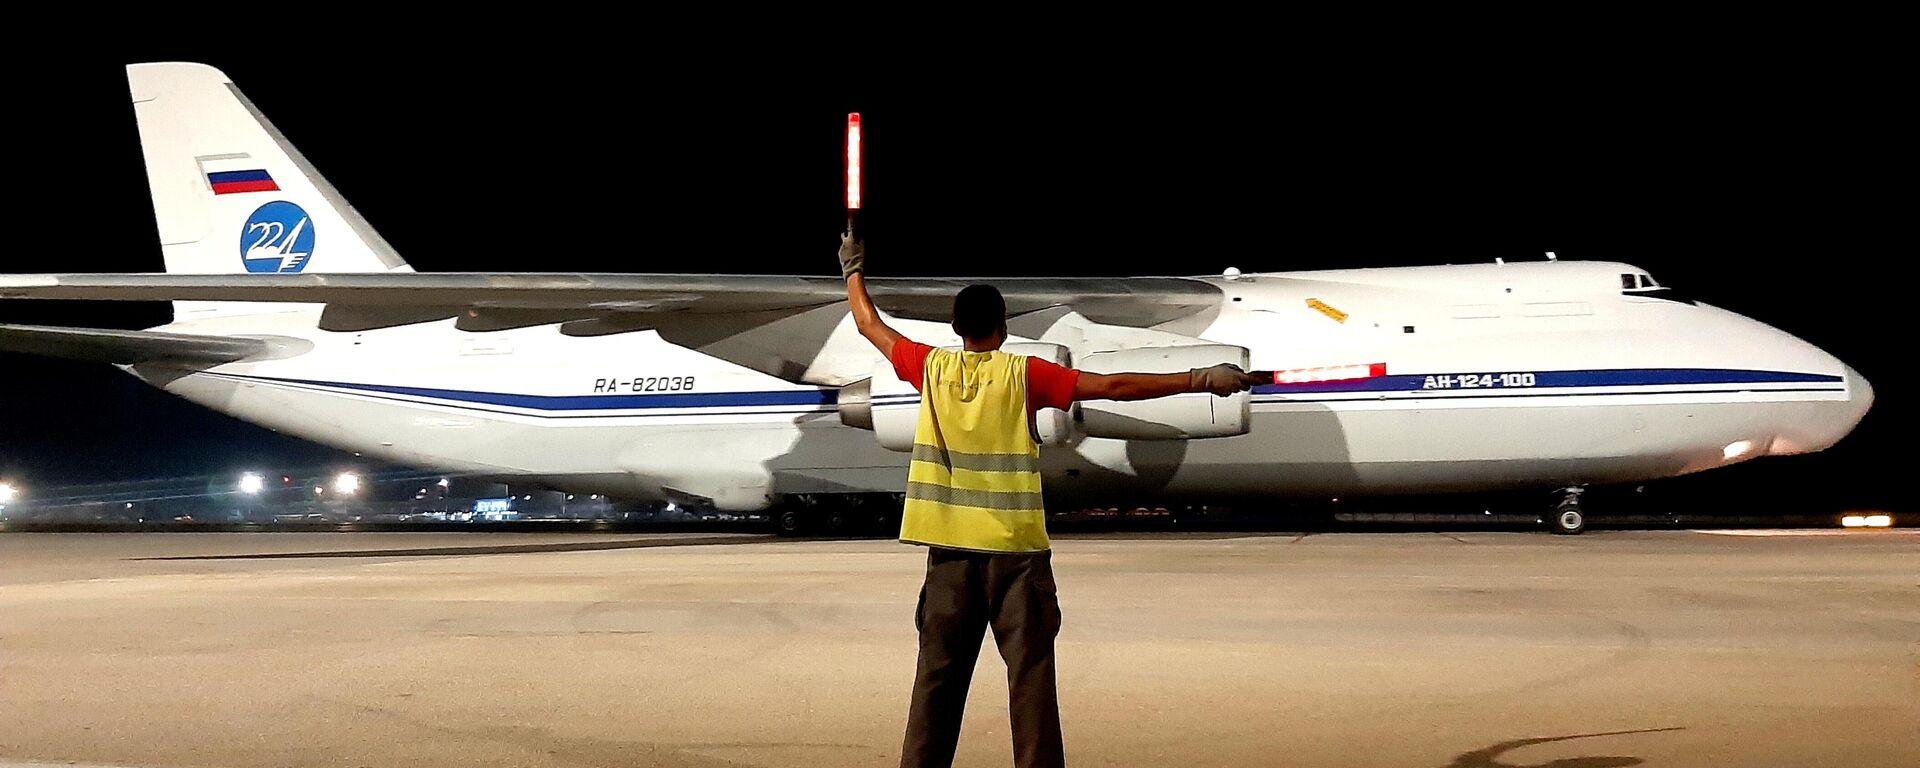 Aviones rusos An-124 Ruslan arriban a Cuba con cargamento de ayuda humanitaria - Sputnik Mundo, 1920, 26.07.2021